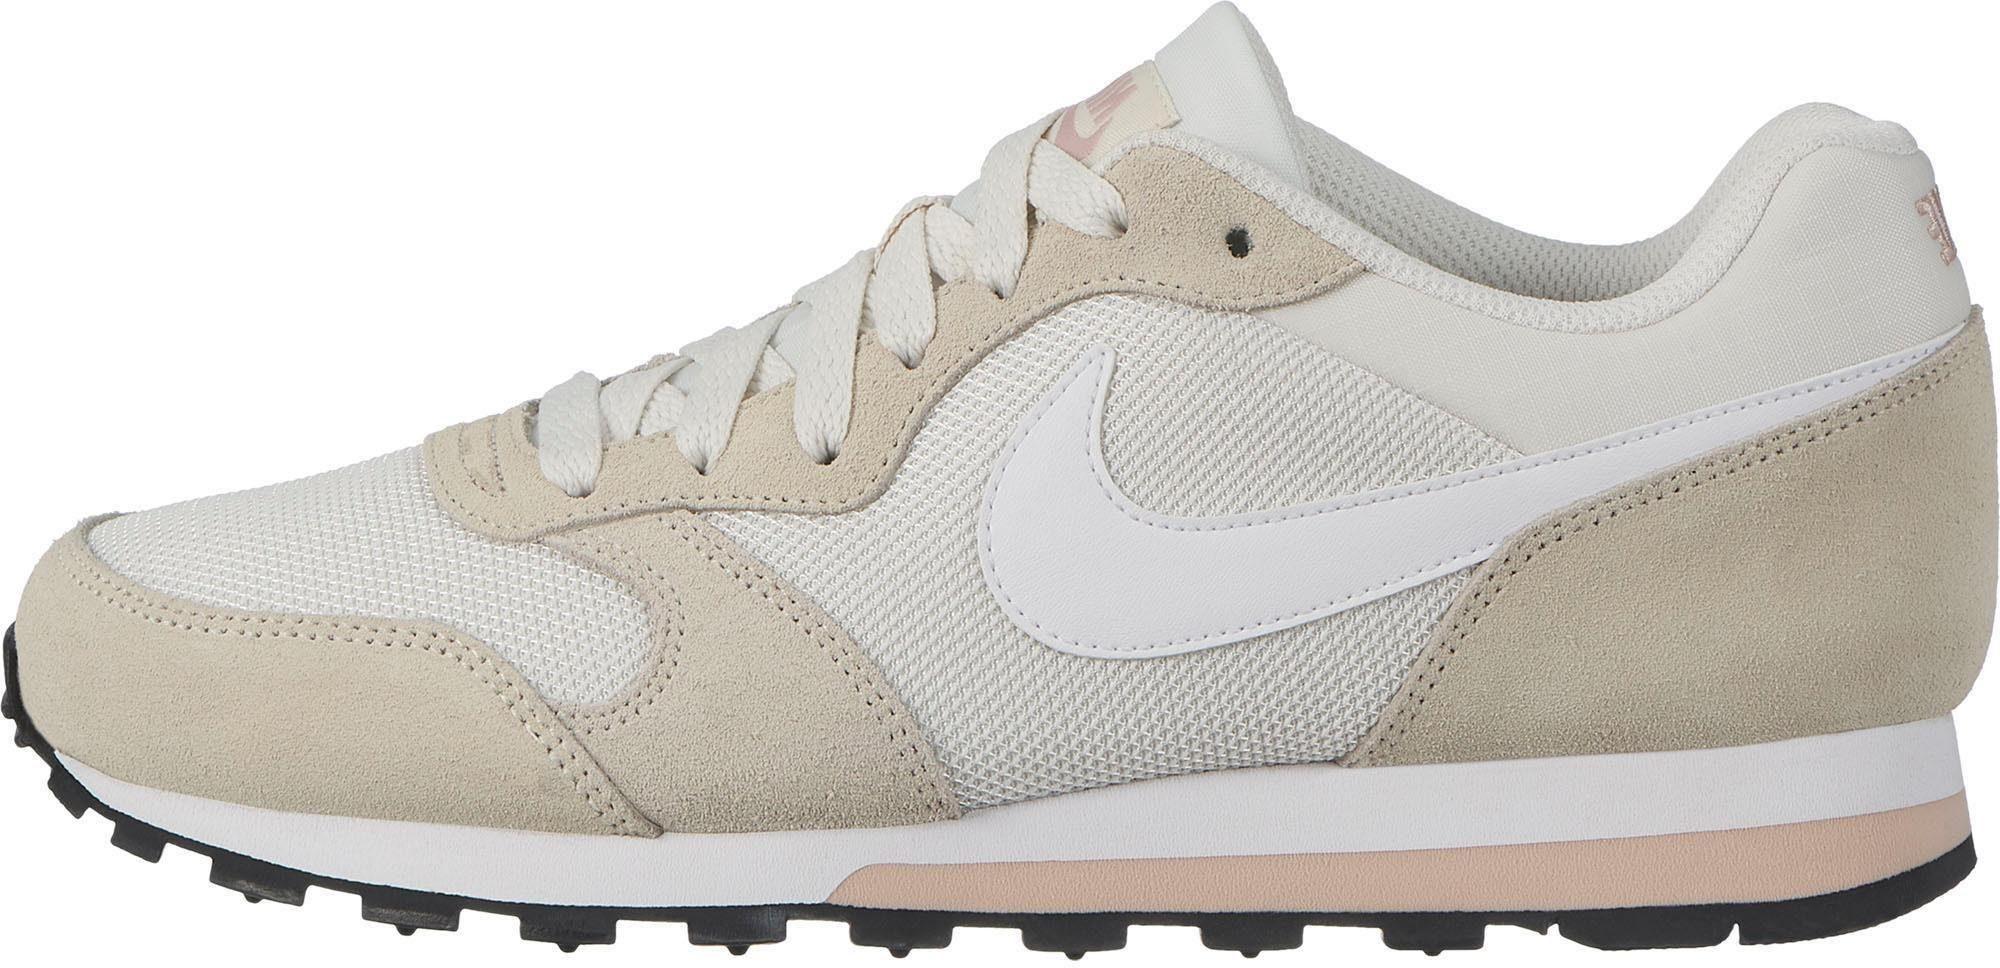 Nike Sportswear »Wmns MD Runner 2« Sneaker kaufen | OTTO